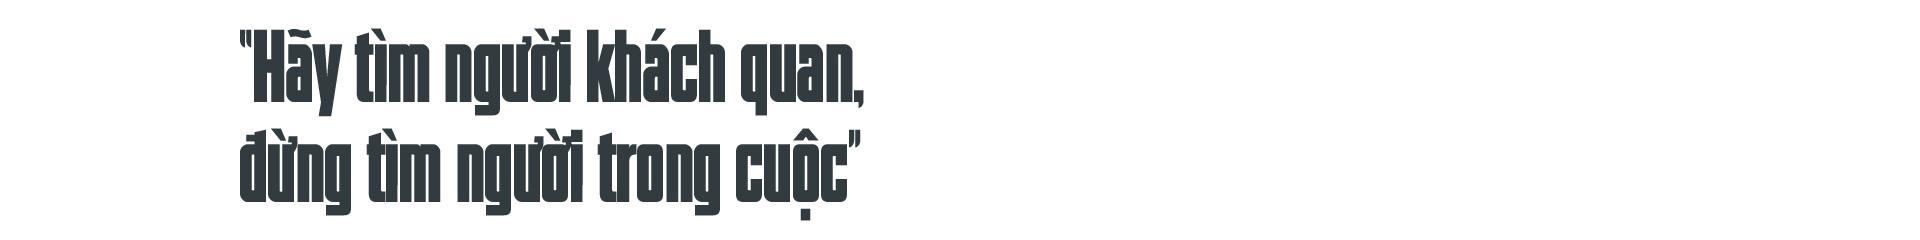 """Đạo diễn, NSƯT Phạm Việt Tùng: """"Có những sự thật 30/4/1975 cần làm sáng tỏ để không phải xấu hổ trước lịch sử""""  - Ảnh 6."""